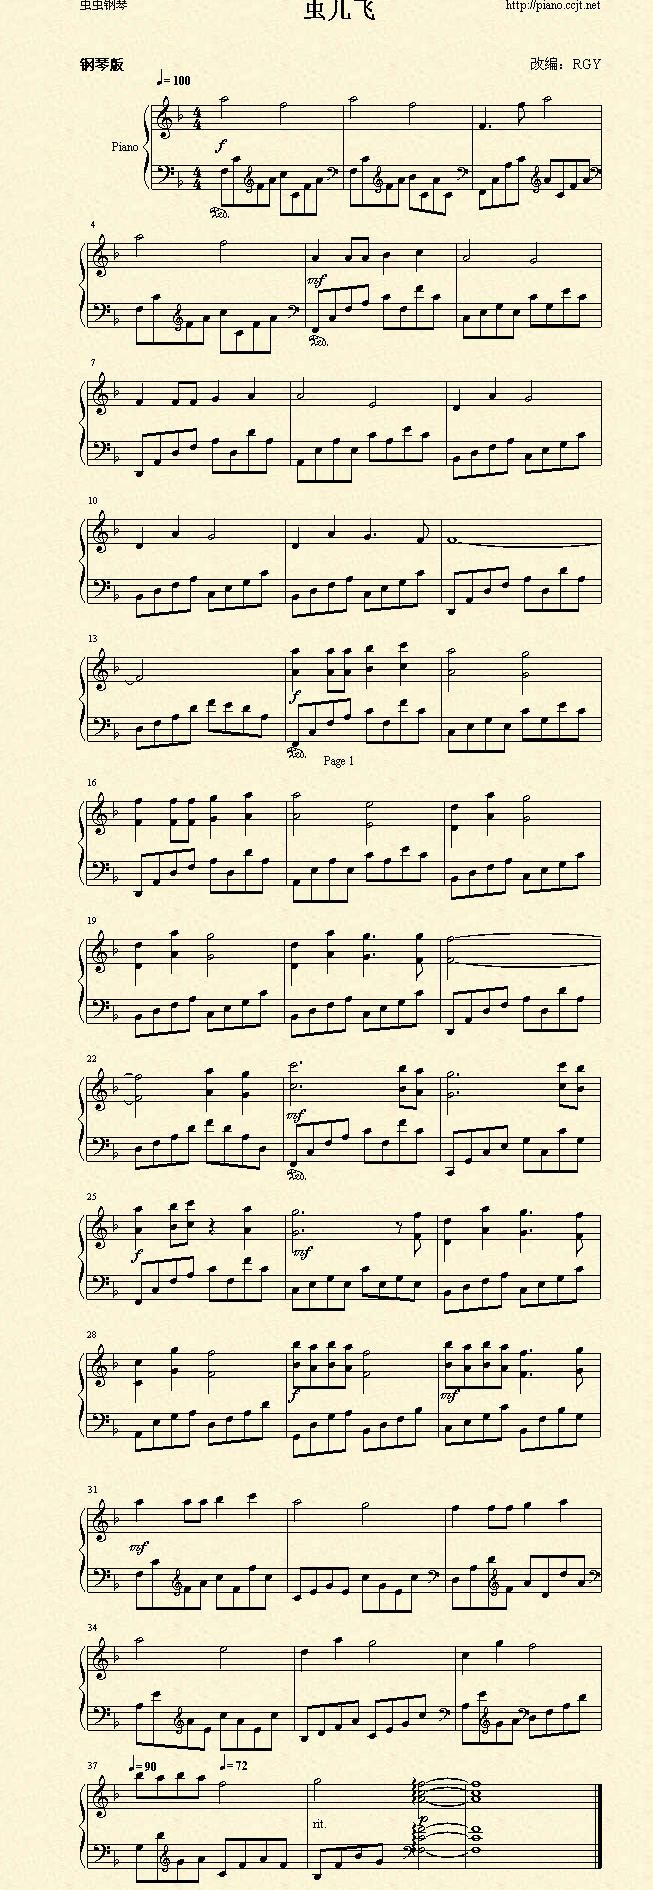 虫儿飞左手钢琴怎么_《虫儿飞钢琴谱》儿童歌曲《蛐蛐钢琴网》钢